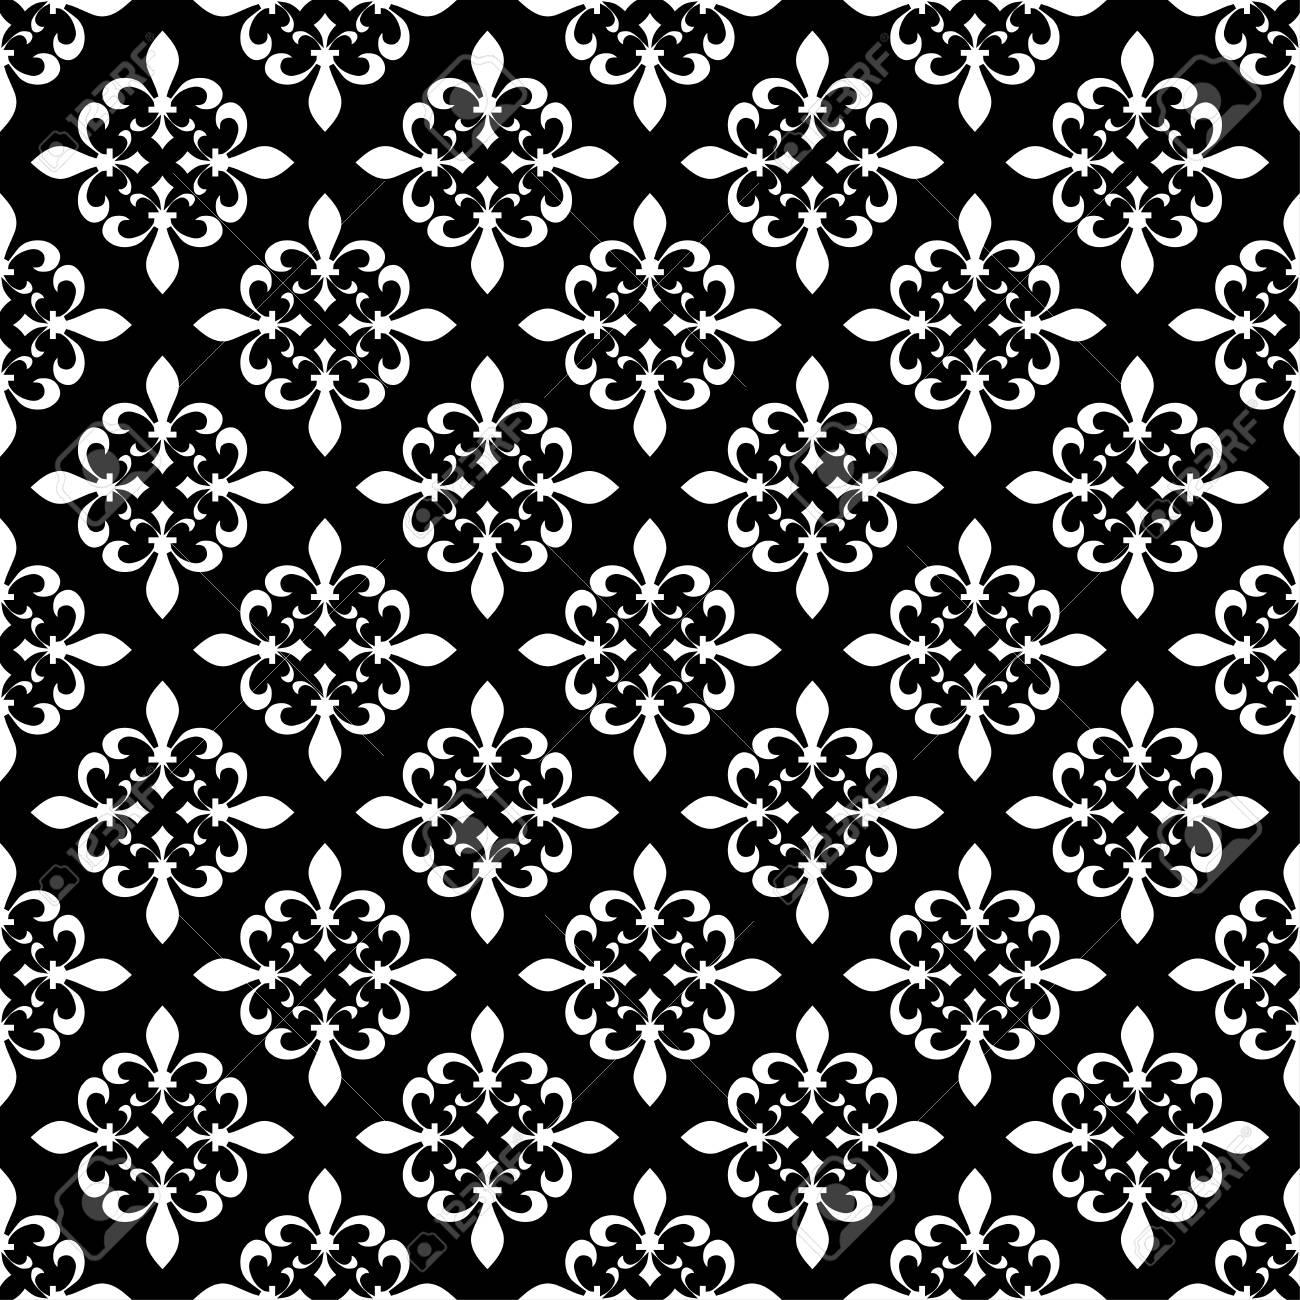 ec358066af7c6 Ilustracion vectorial Plantilla blanca negra. Textura floral. Decoración  elegante